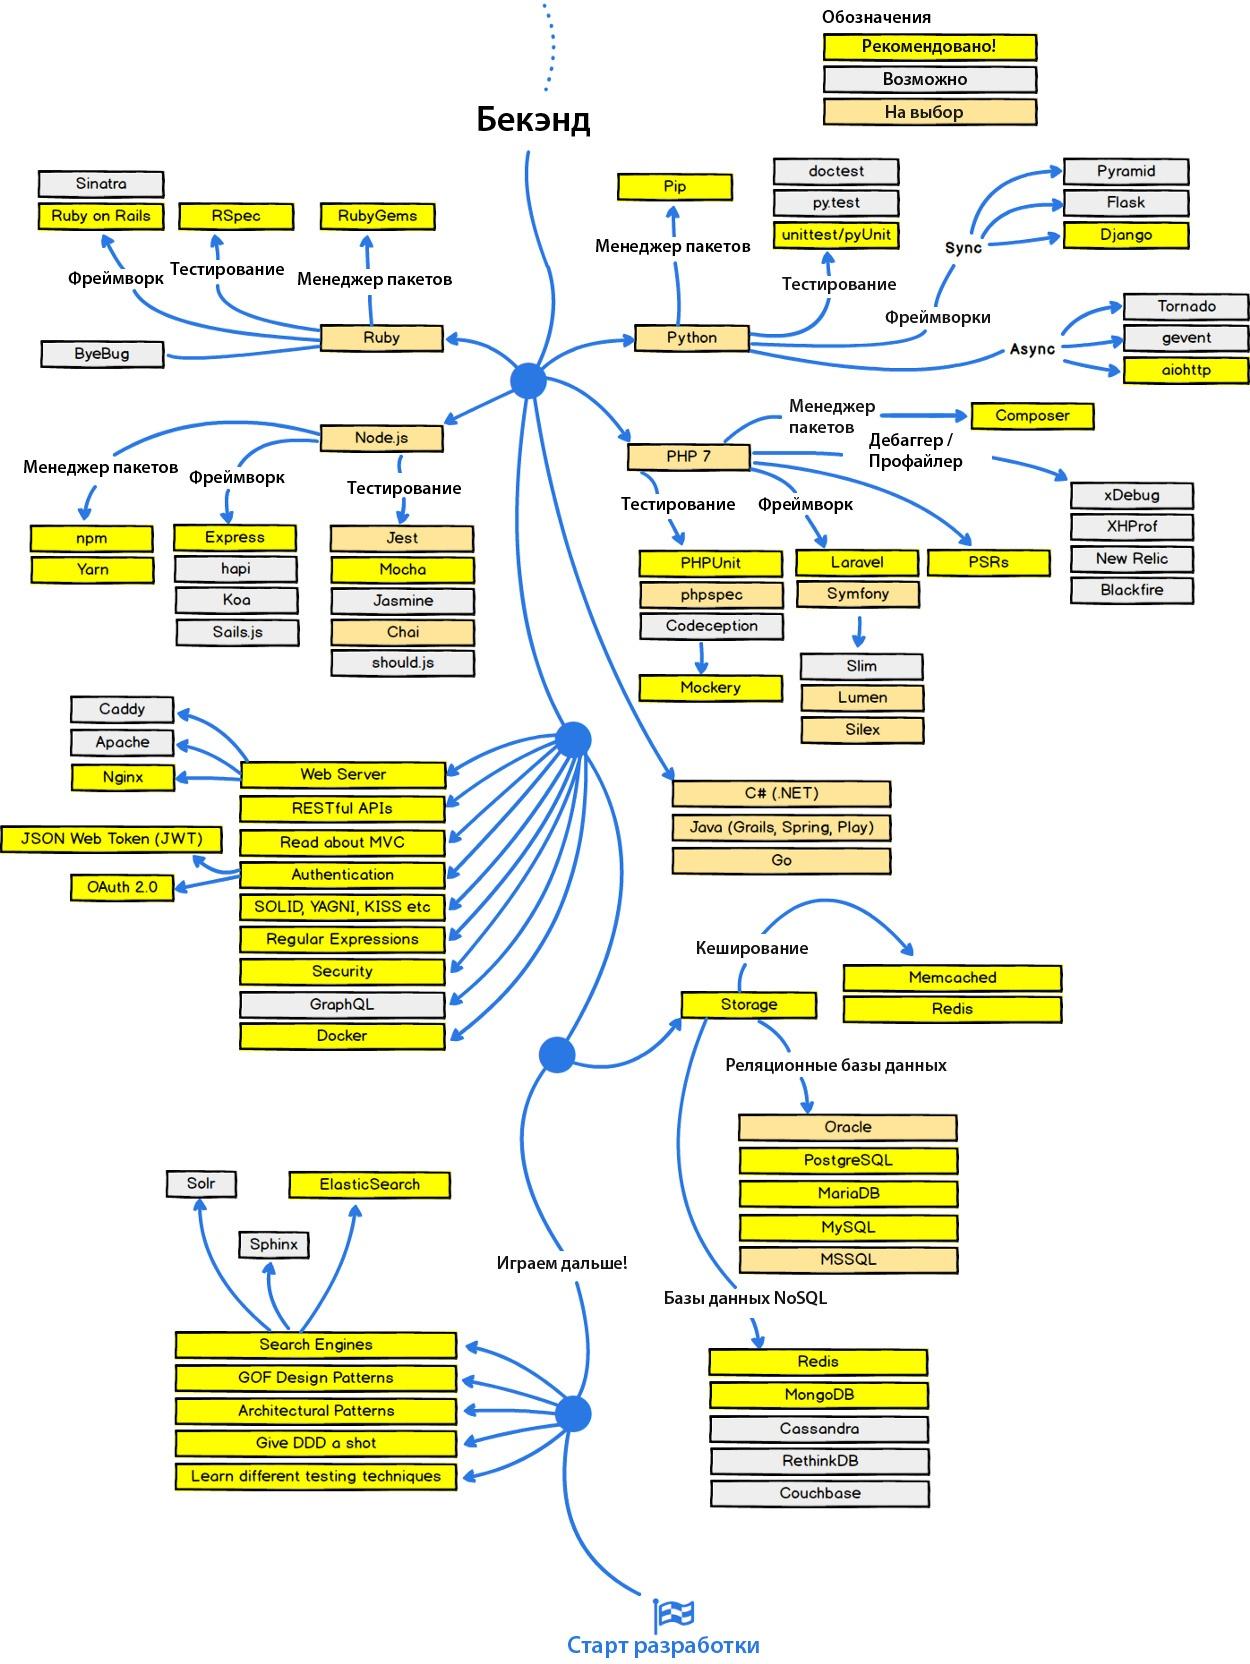 Как стать веб-разработчиком в 2017 году — план действий - 3